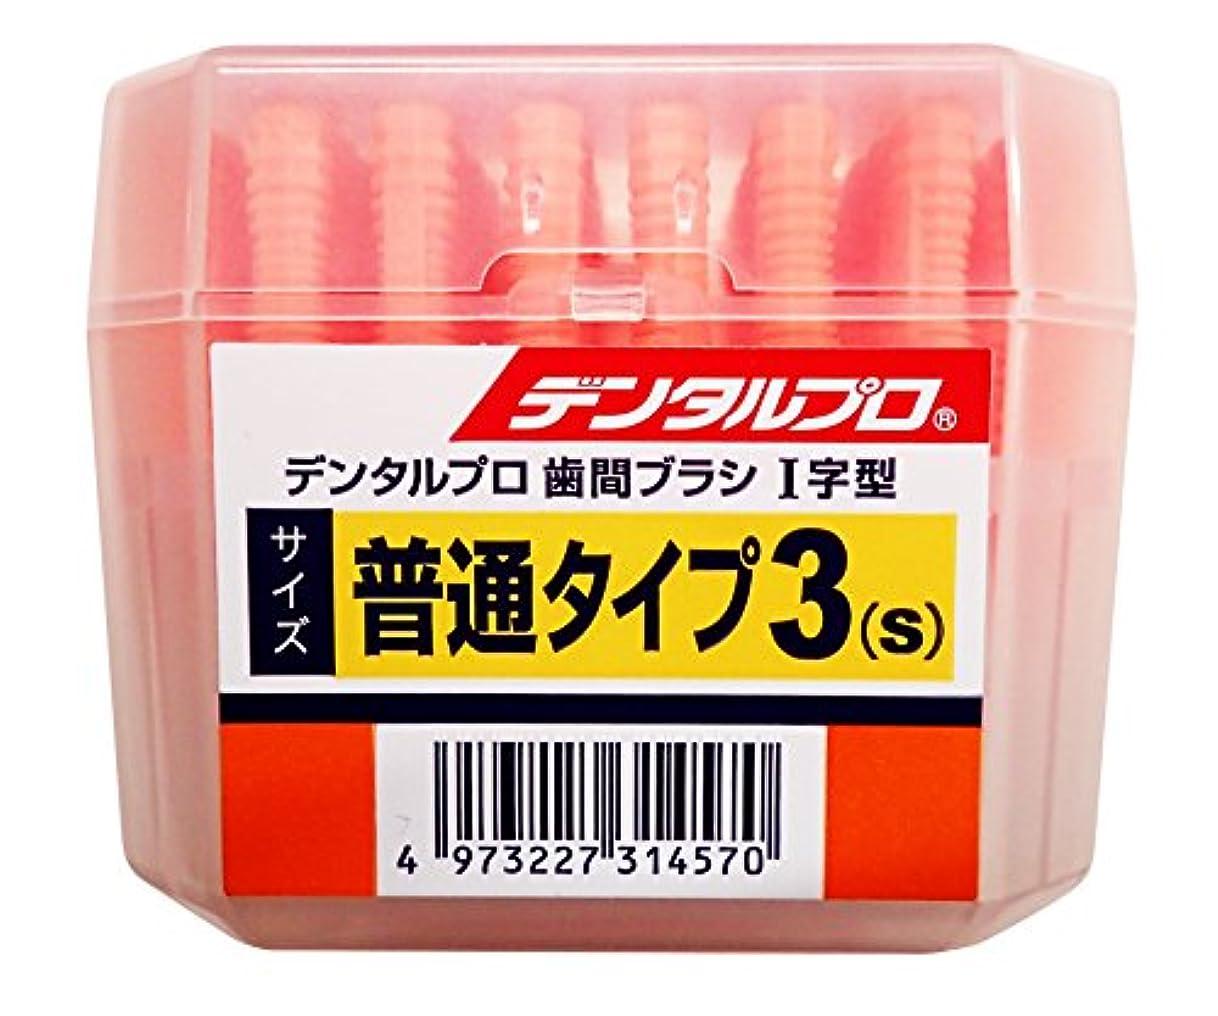 電化する適応的一般デンタルプロ 歯間ブラシ I字型 普通タイプ サイズ3(S) 50本入